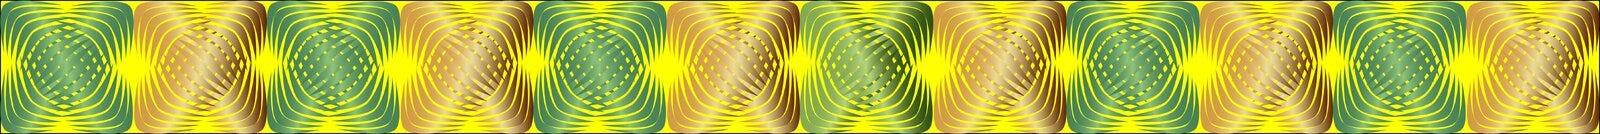 Geometrische patronen met gradiëntvulling 4 stock illustratie